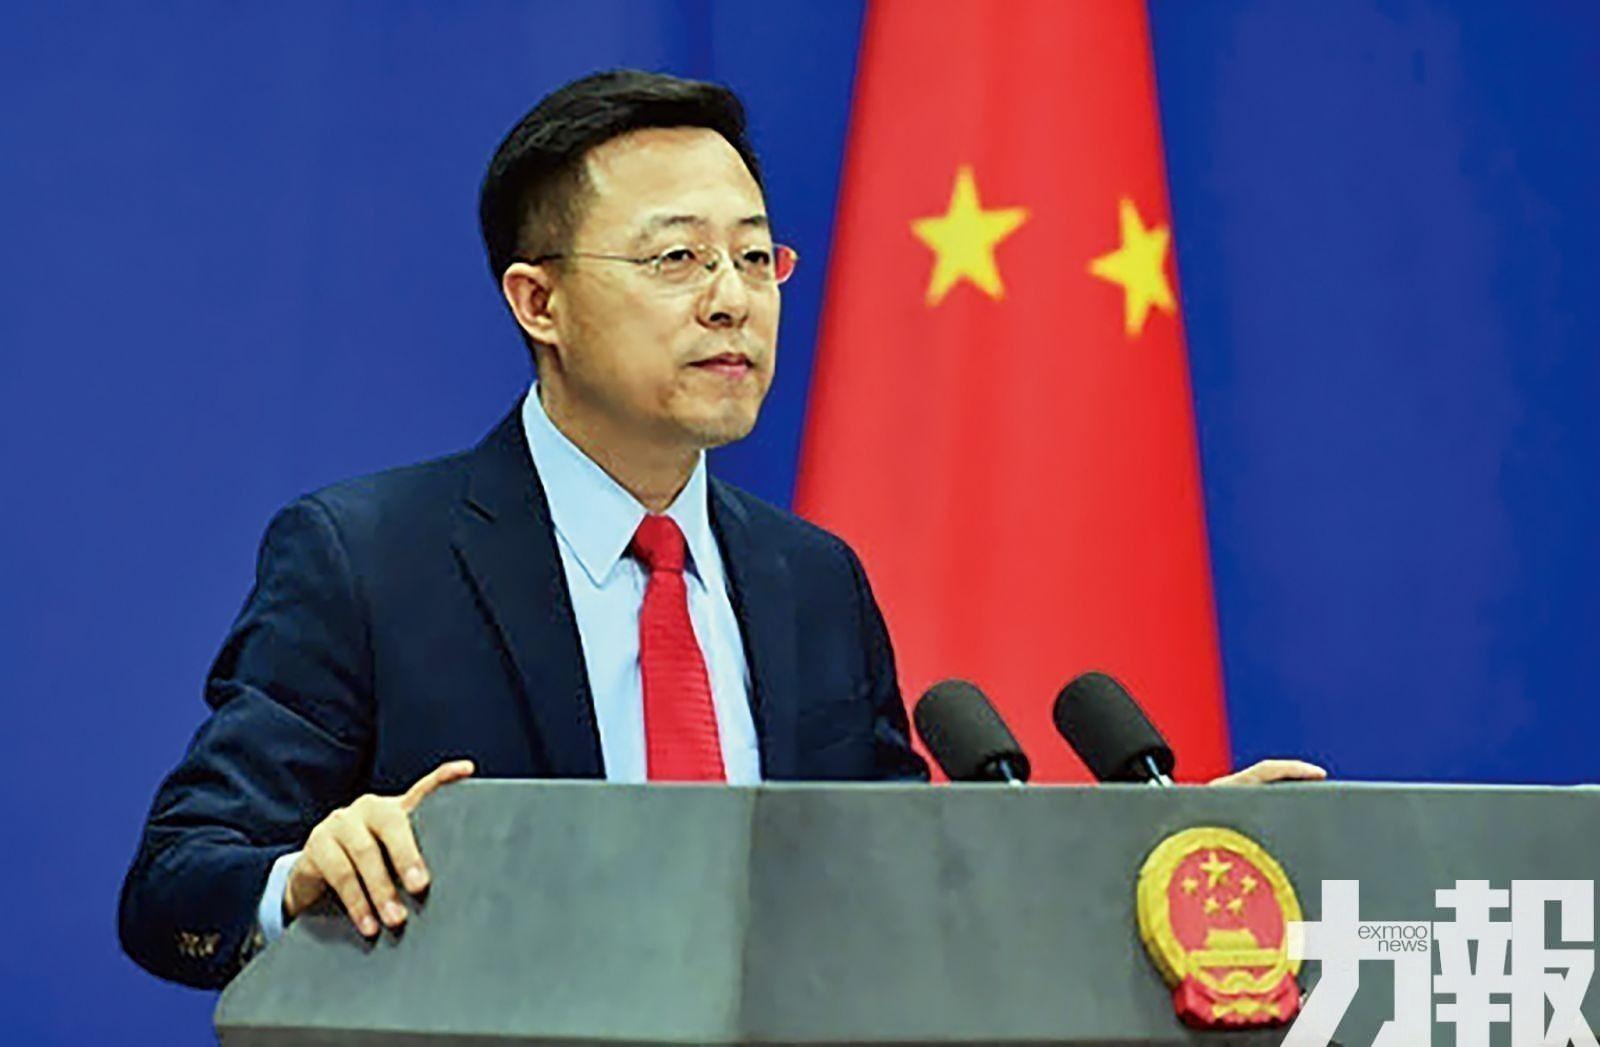 中方批評嚴重破壞地區和平穩定